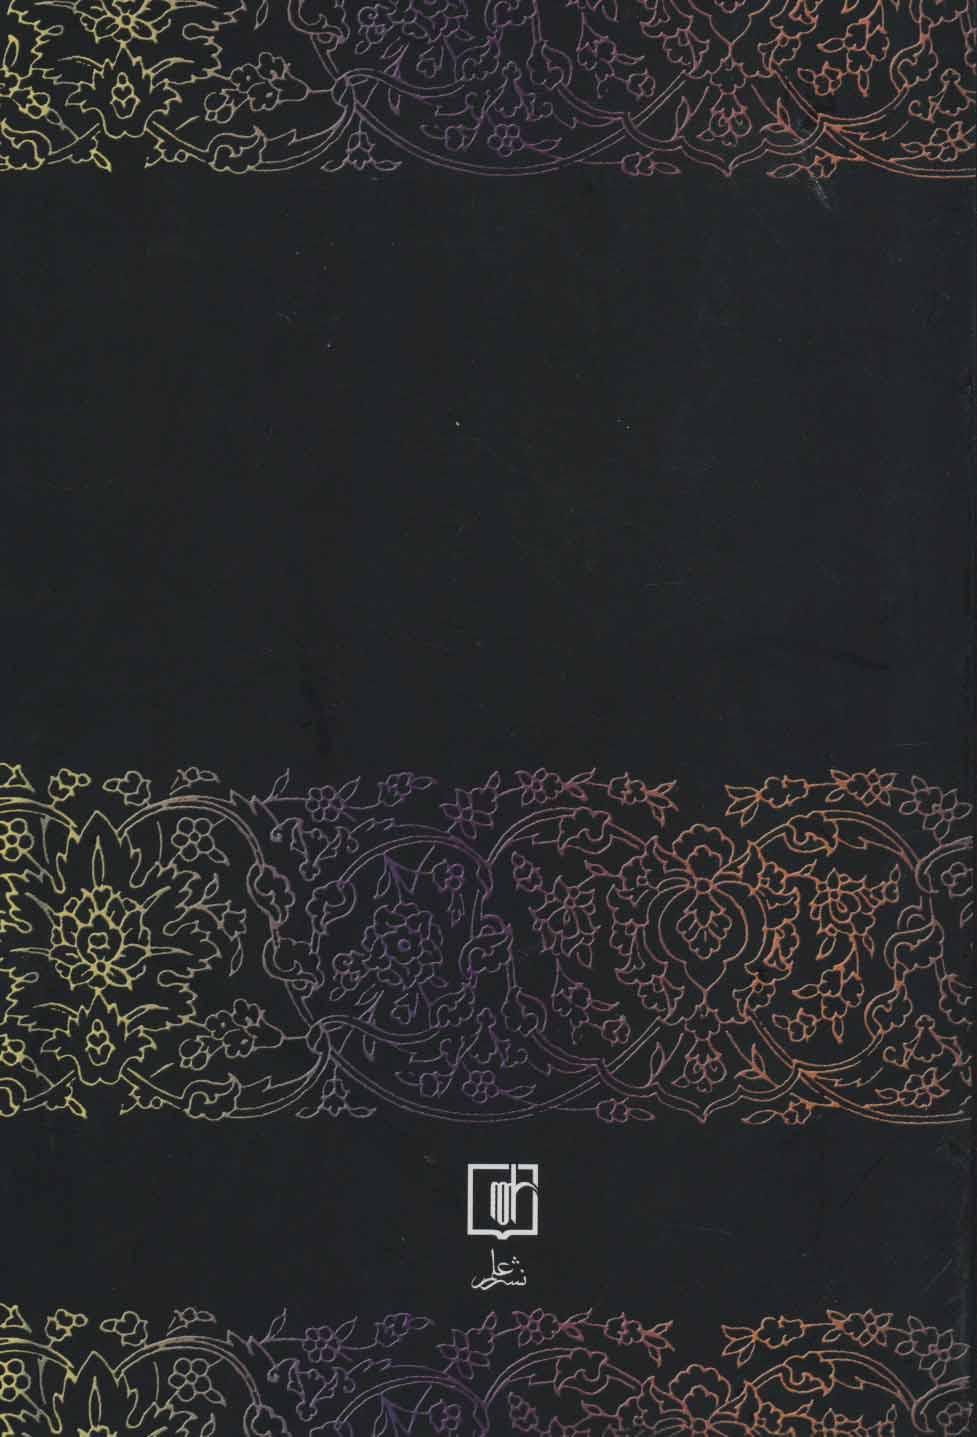 کلیات شمس تبریزی (باقاب)